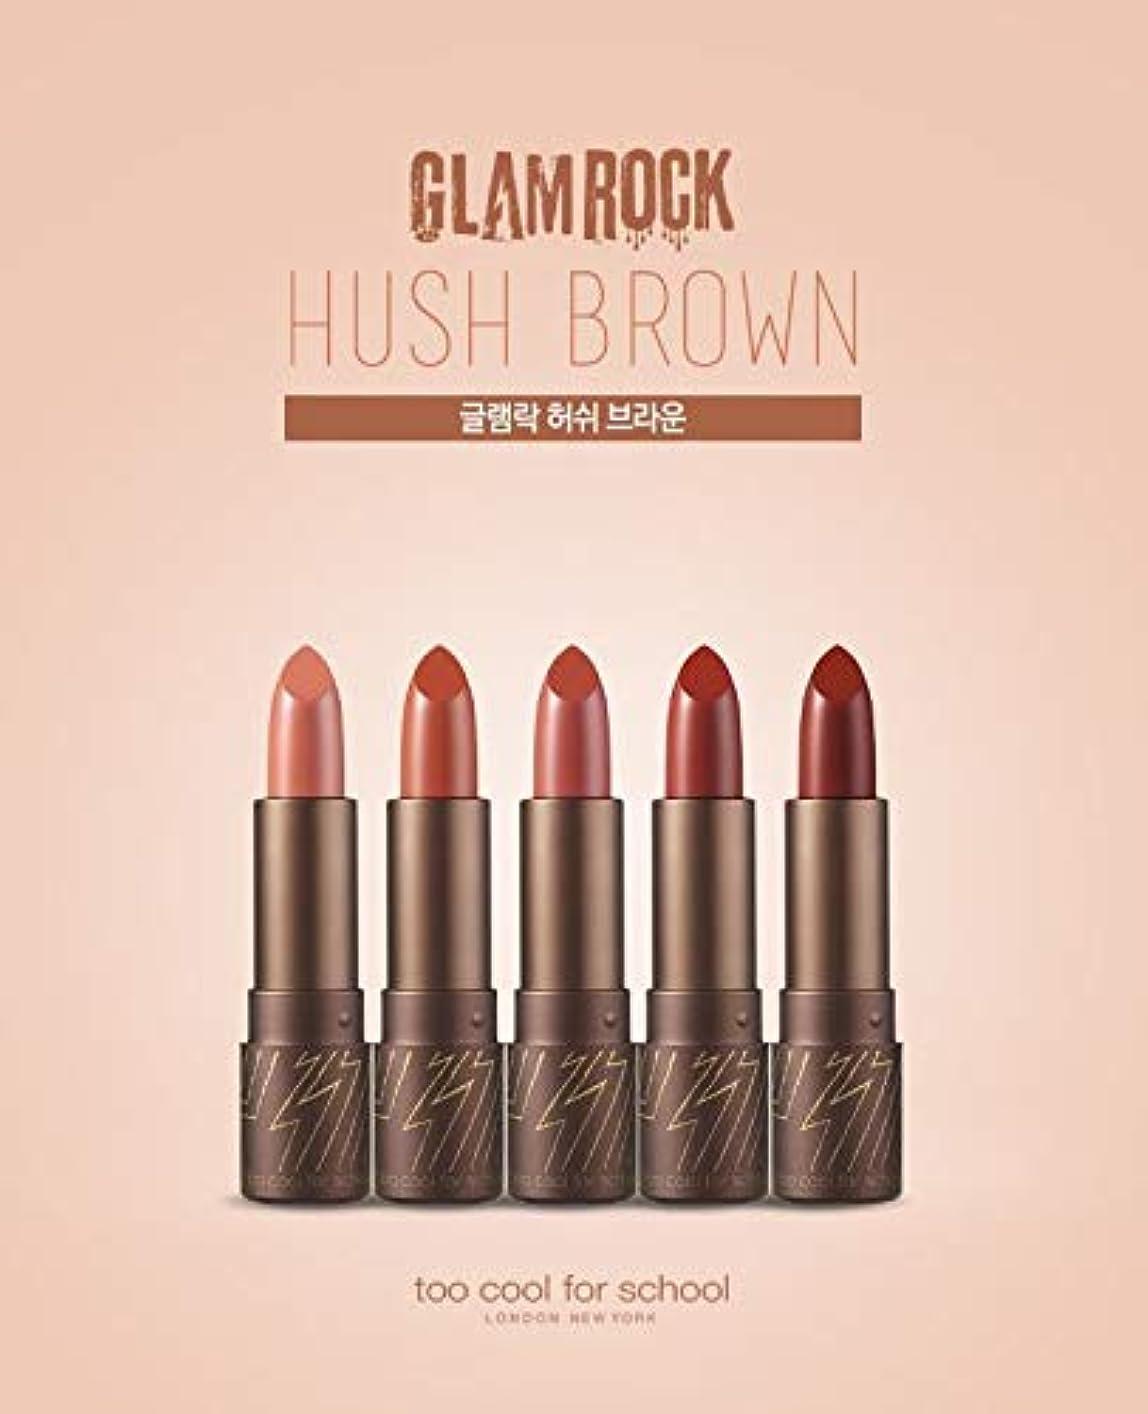 平手打ち用量そっと[too cool for school] GLAMROCK Hush Brown 4.2g /グルレムラクハーシーブラウン (2号 Lofty/ロフティ) [並行輸入品]